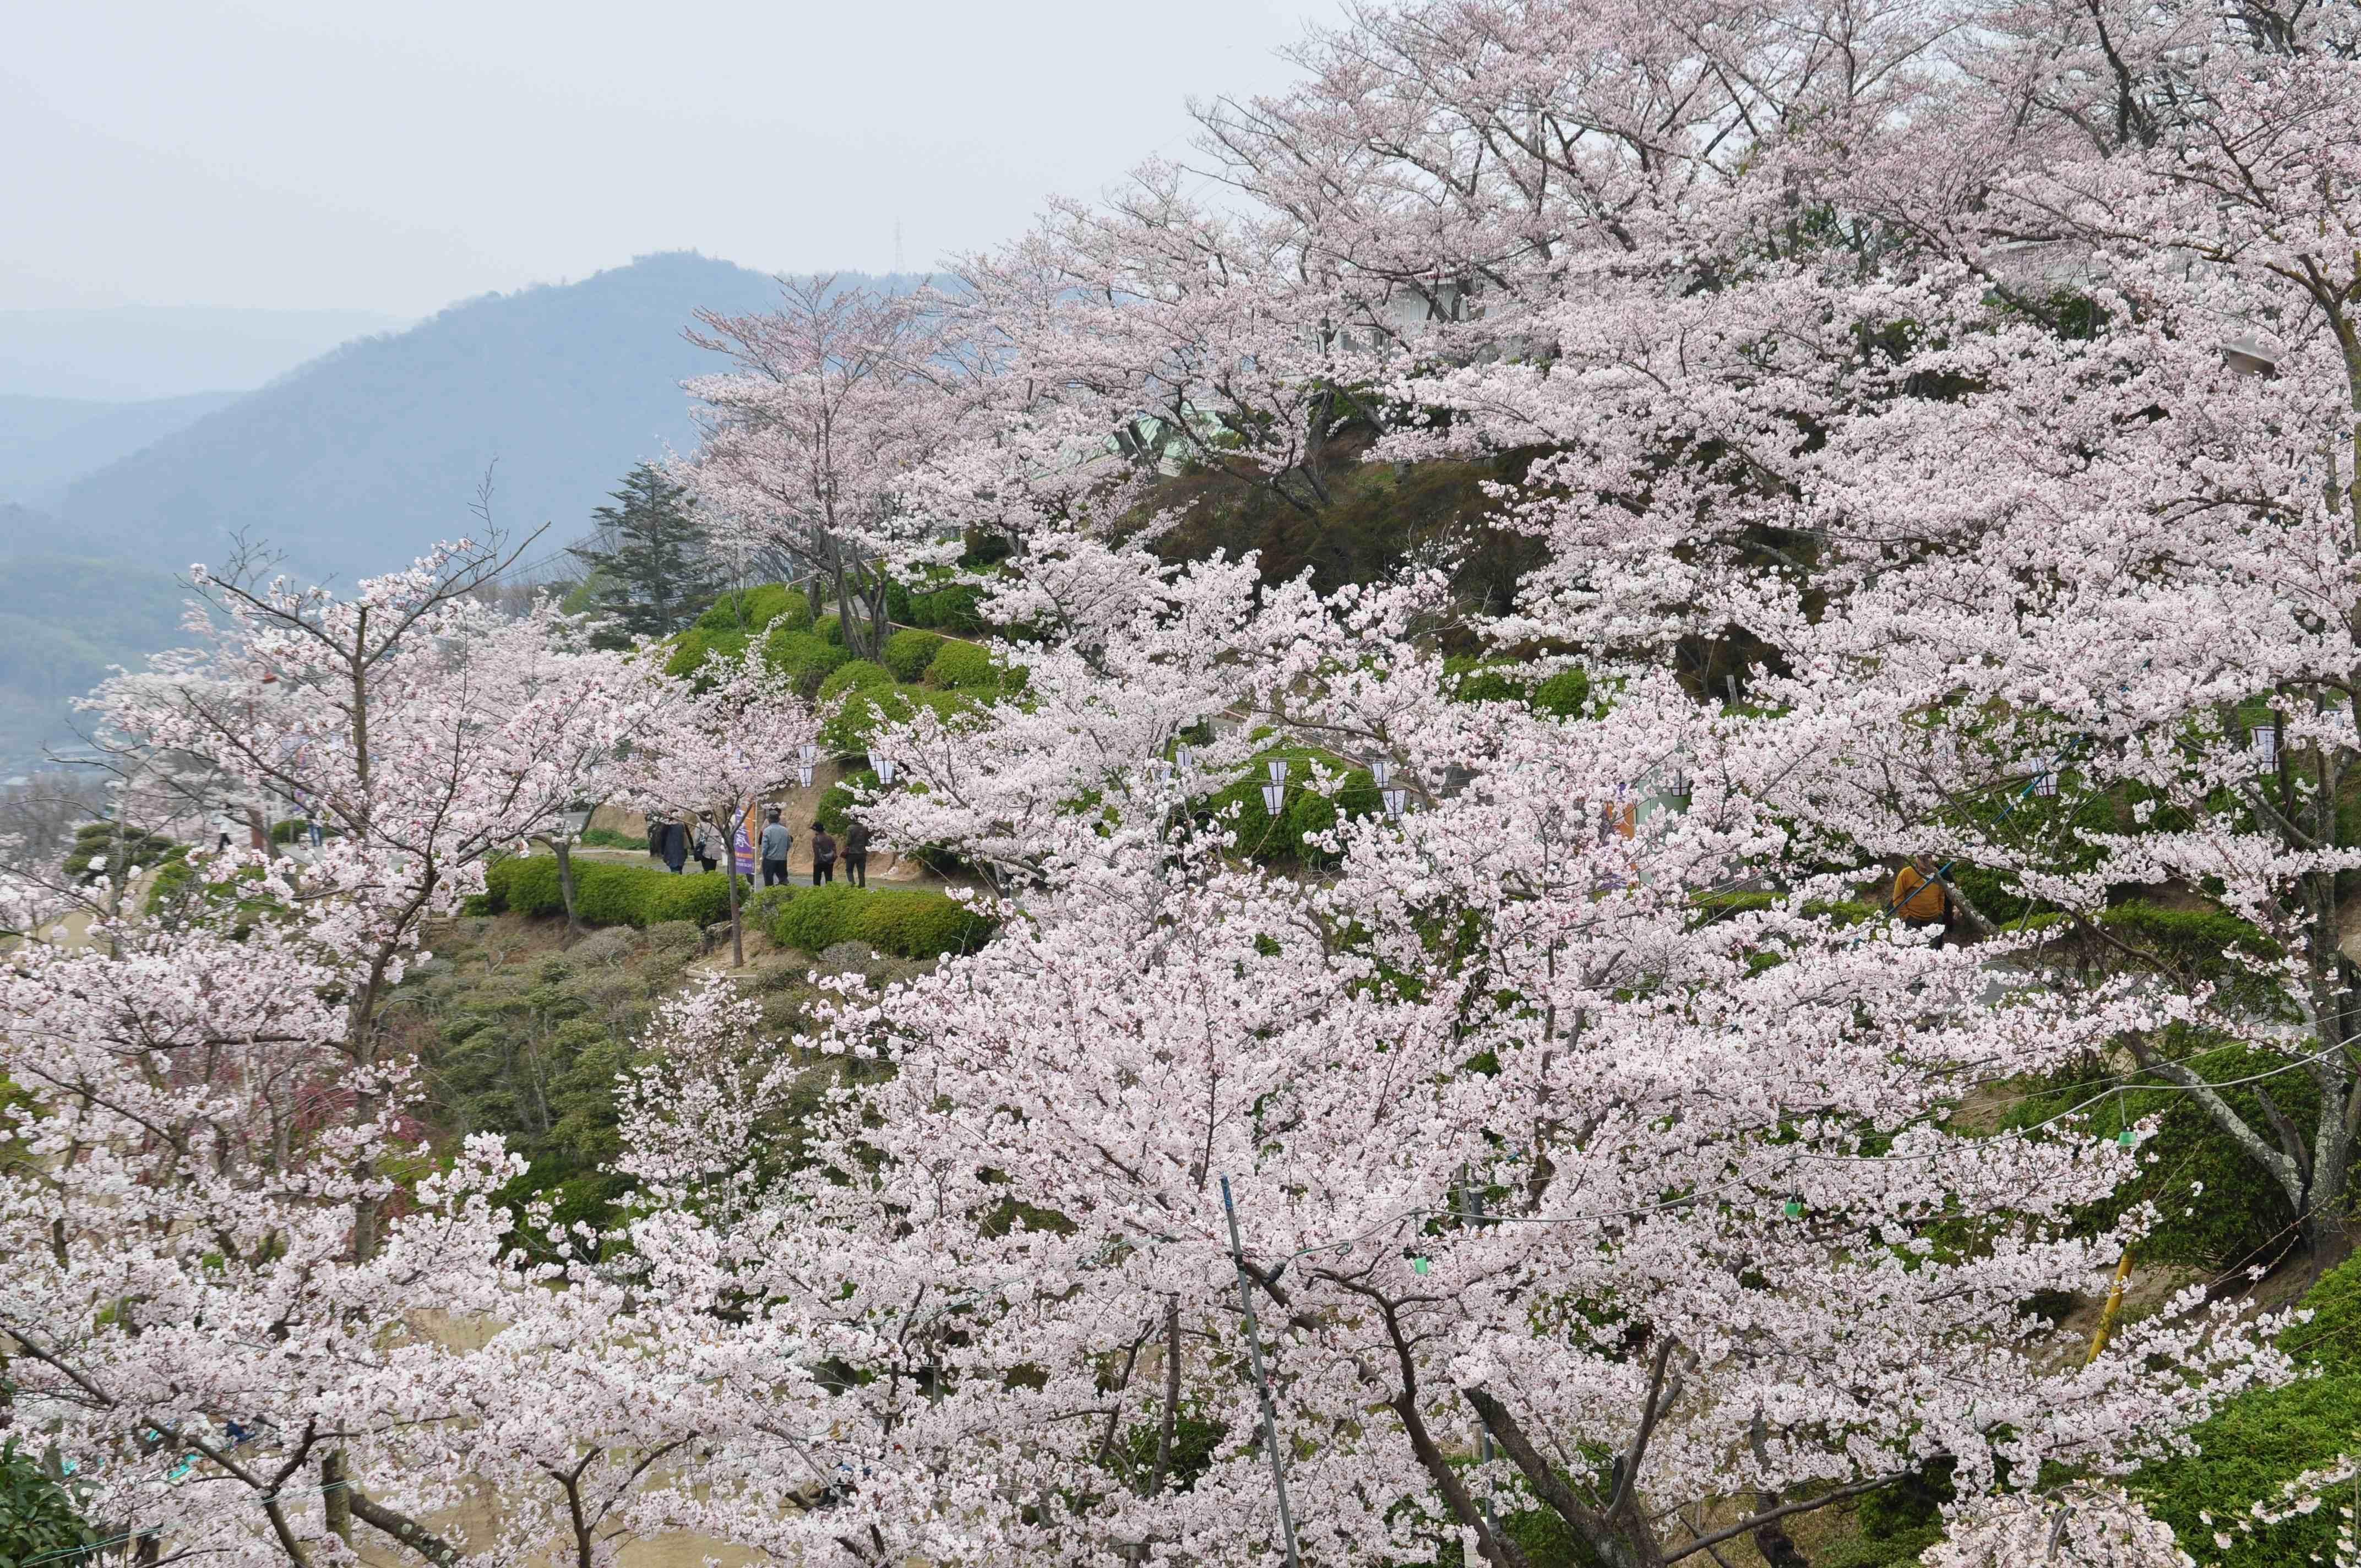 桜の便りが尾道にも。 今からでも間に合う、海と瀬戸内の島を眺めながらのお花見と、お茶室のある町家でゆったり過ごす春の休日。せとうち 湊のやど